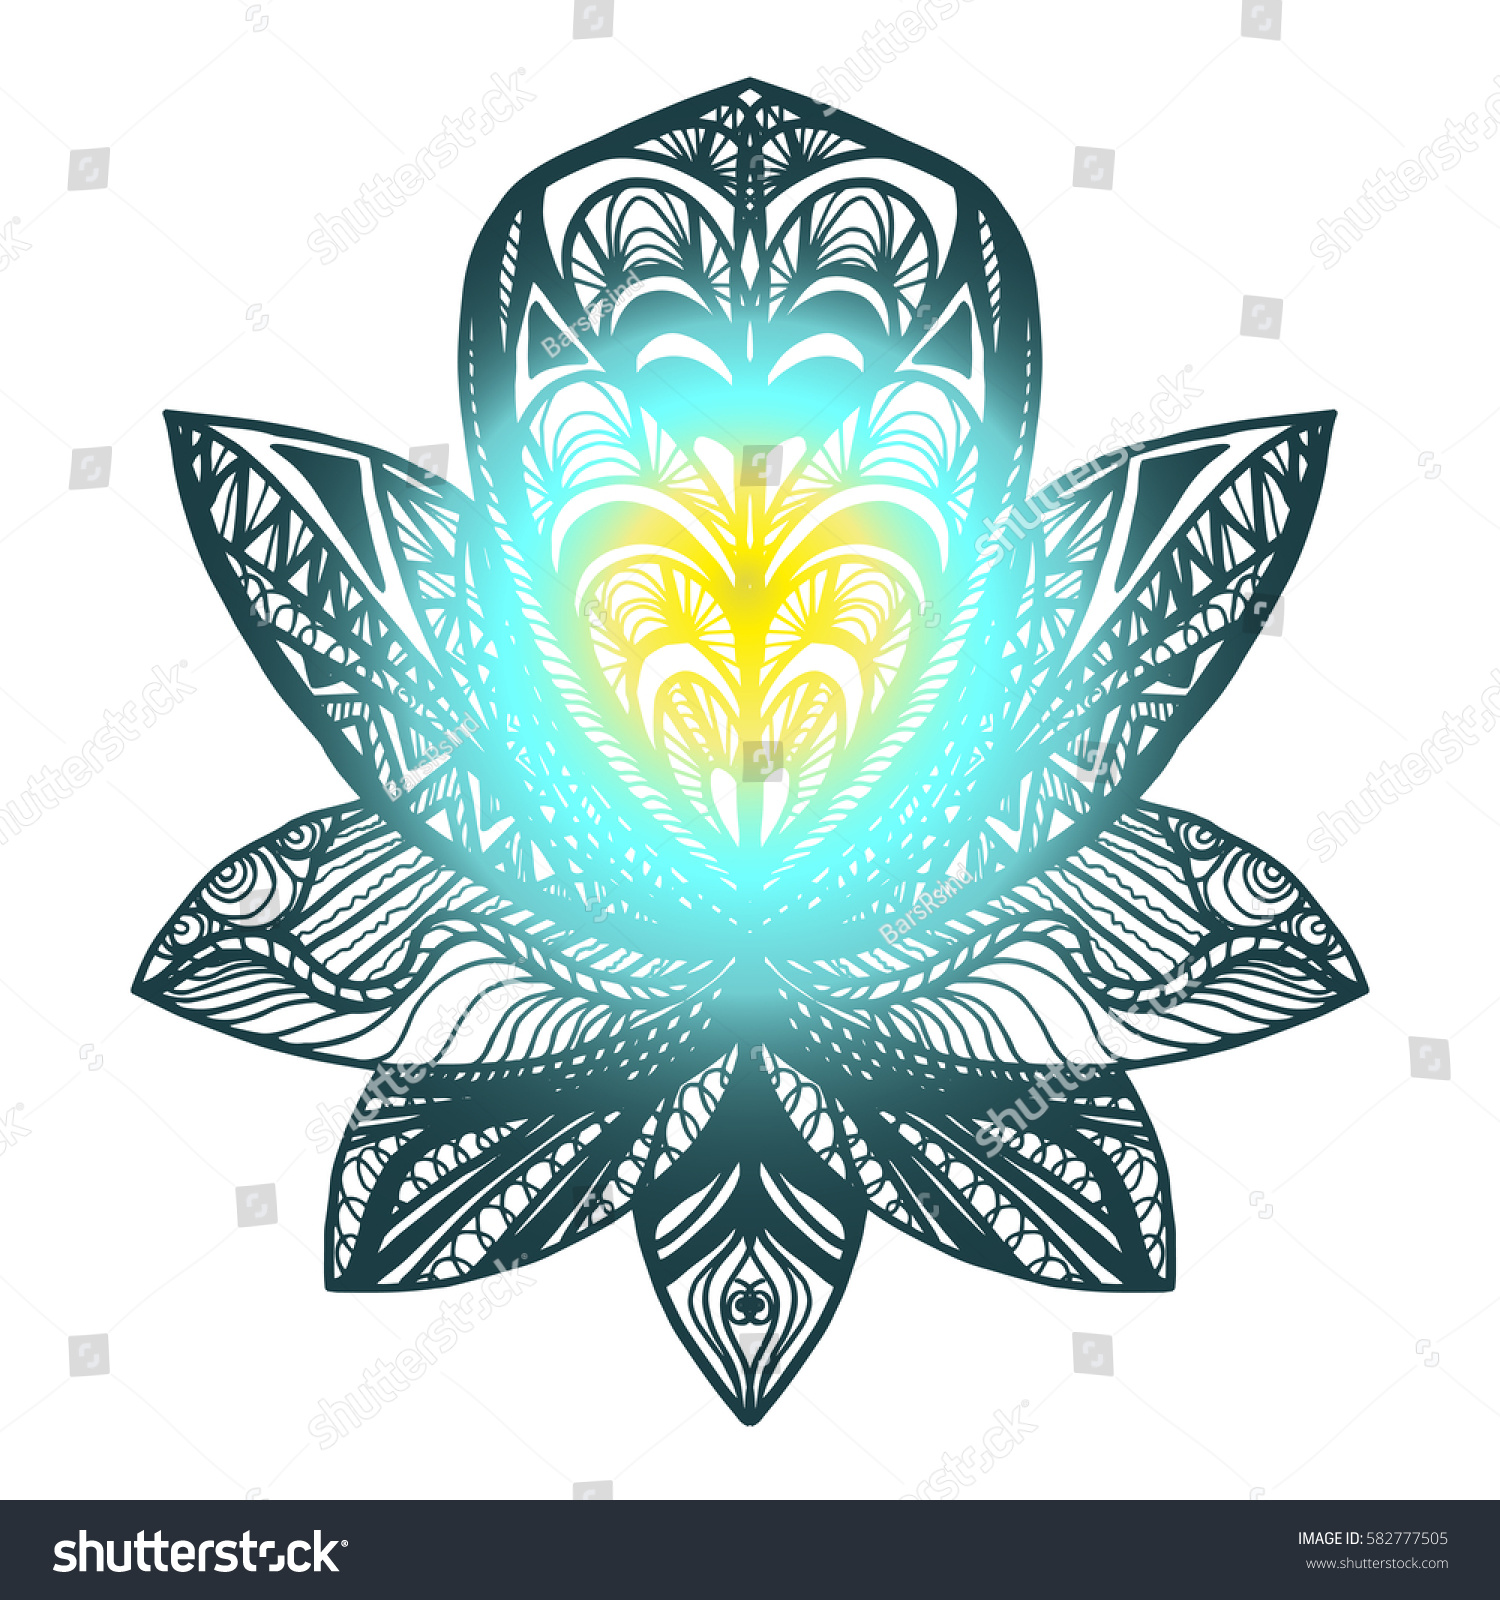 Flower lotus magic symbol print tattoo stock vector hd royalty free flower lotus magic symbol for print tattoo coloring bookfabric t izmirmasajfo